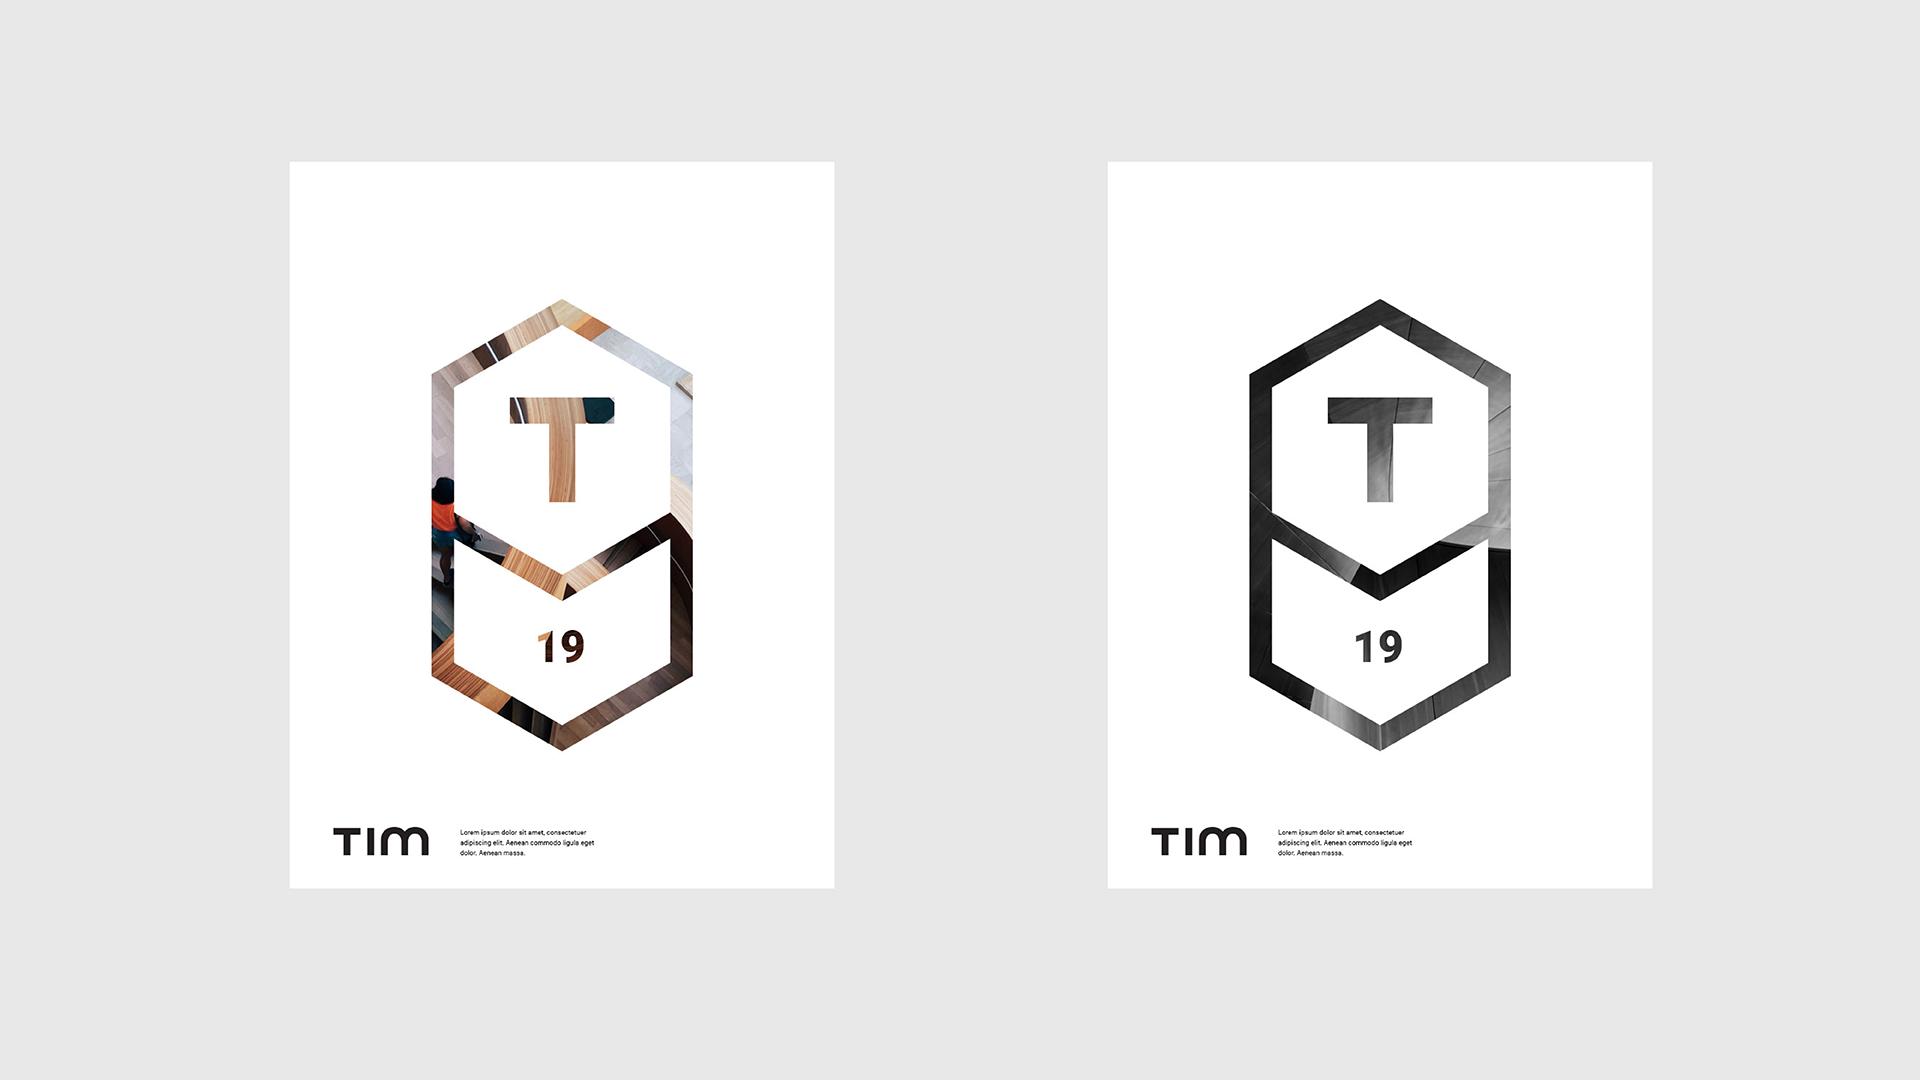 Tim_insignia